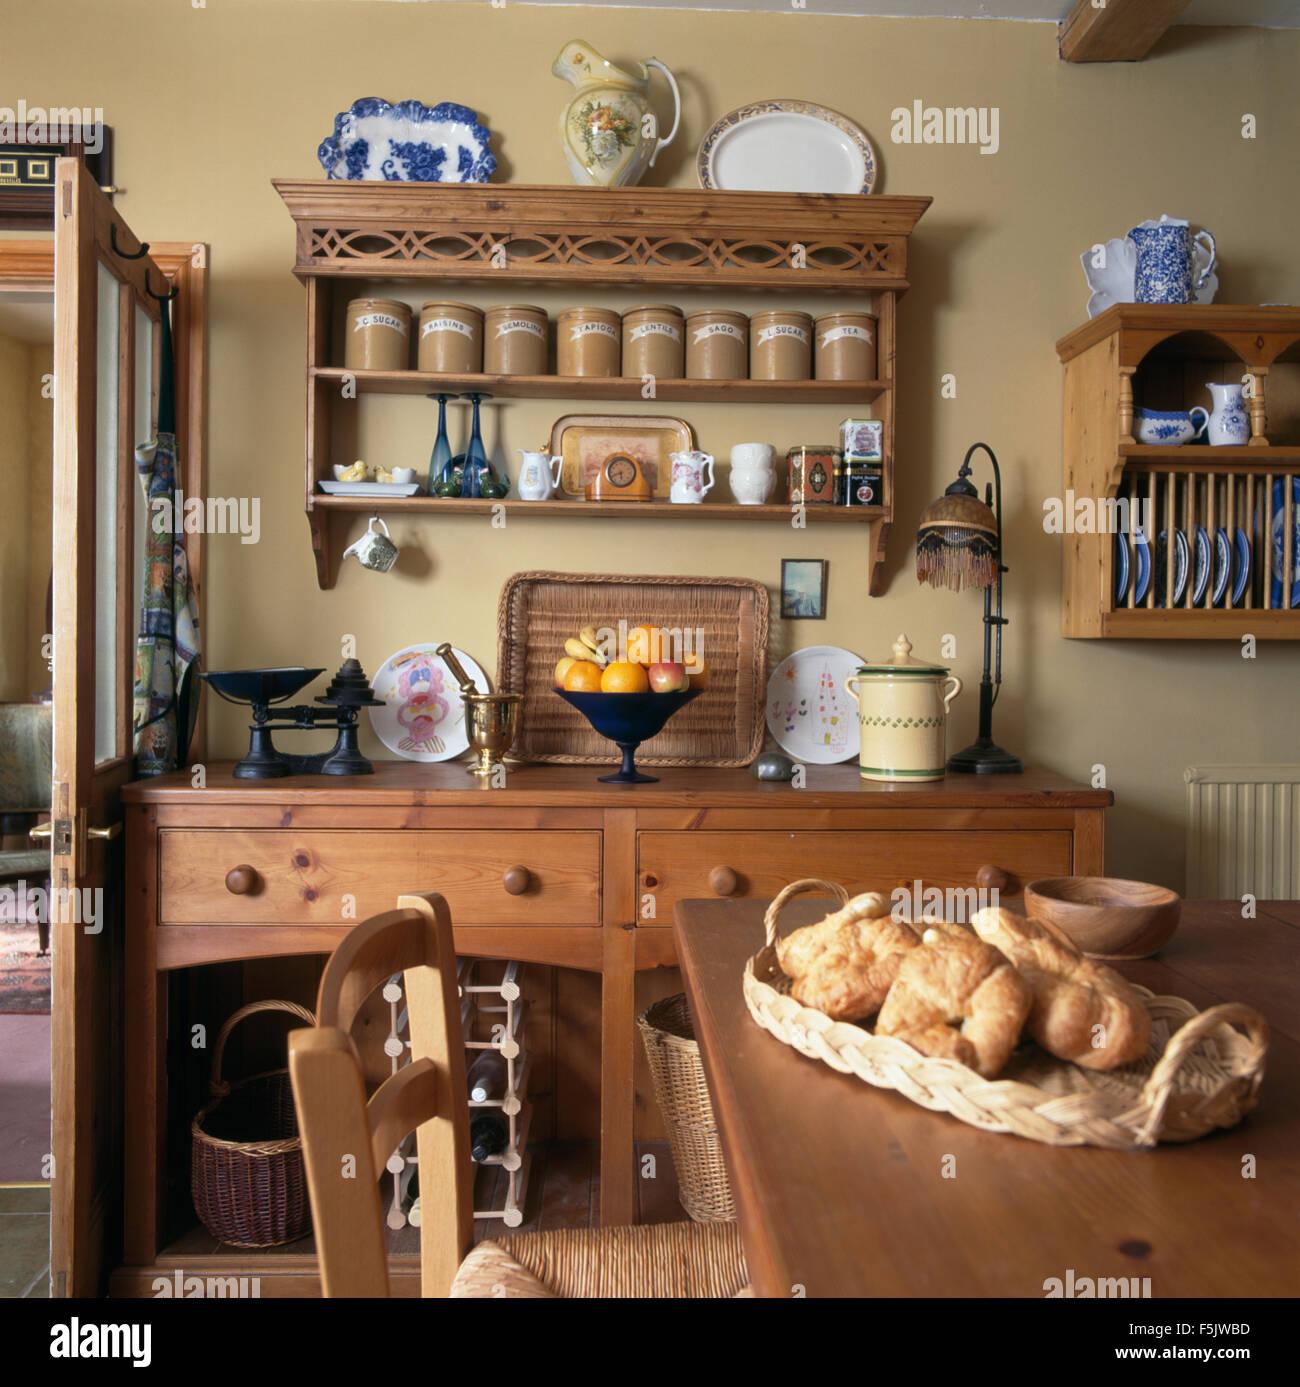 Encantador Casa Cocina Cesta Motivo - Como Decorar la Cocina - yuhoo ...